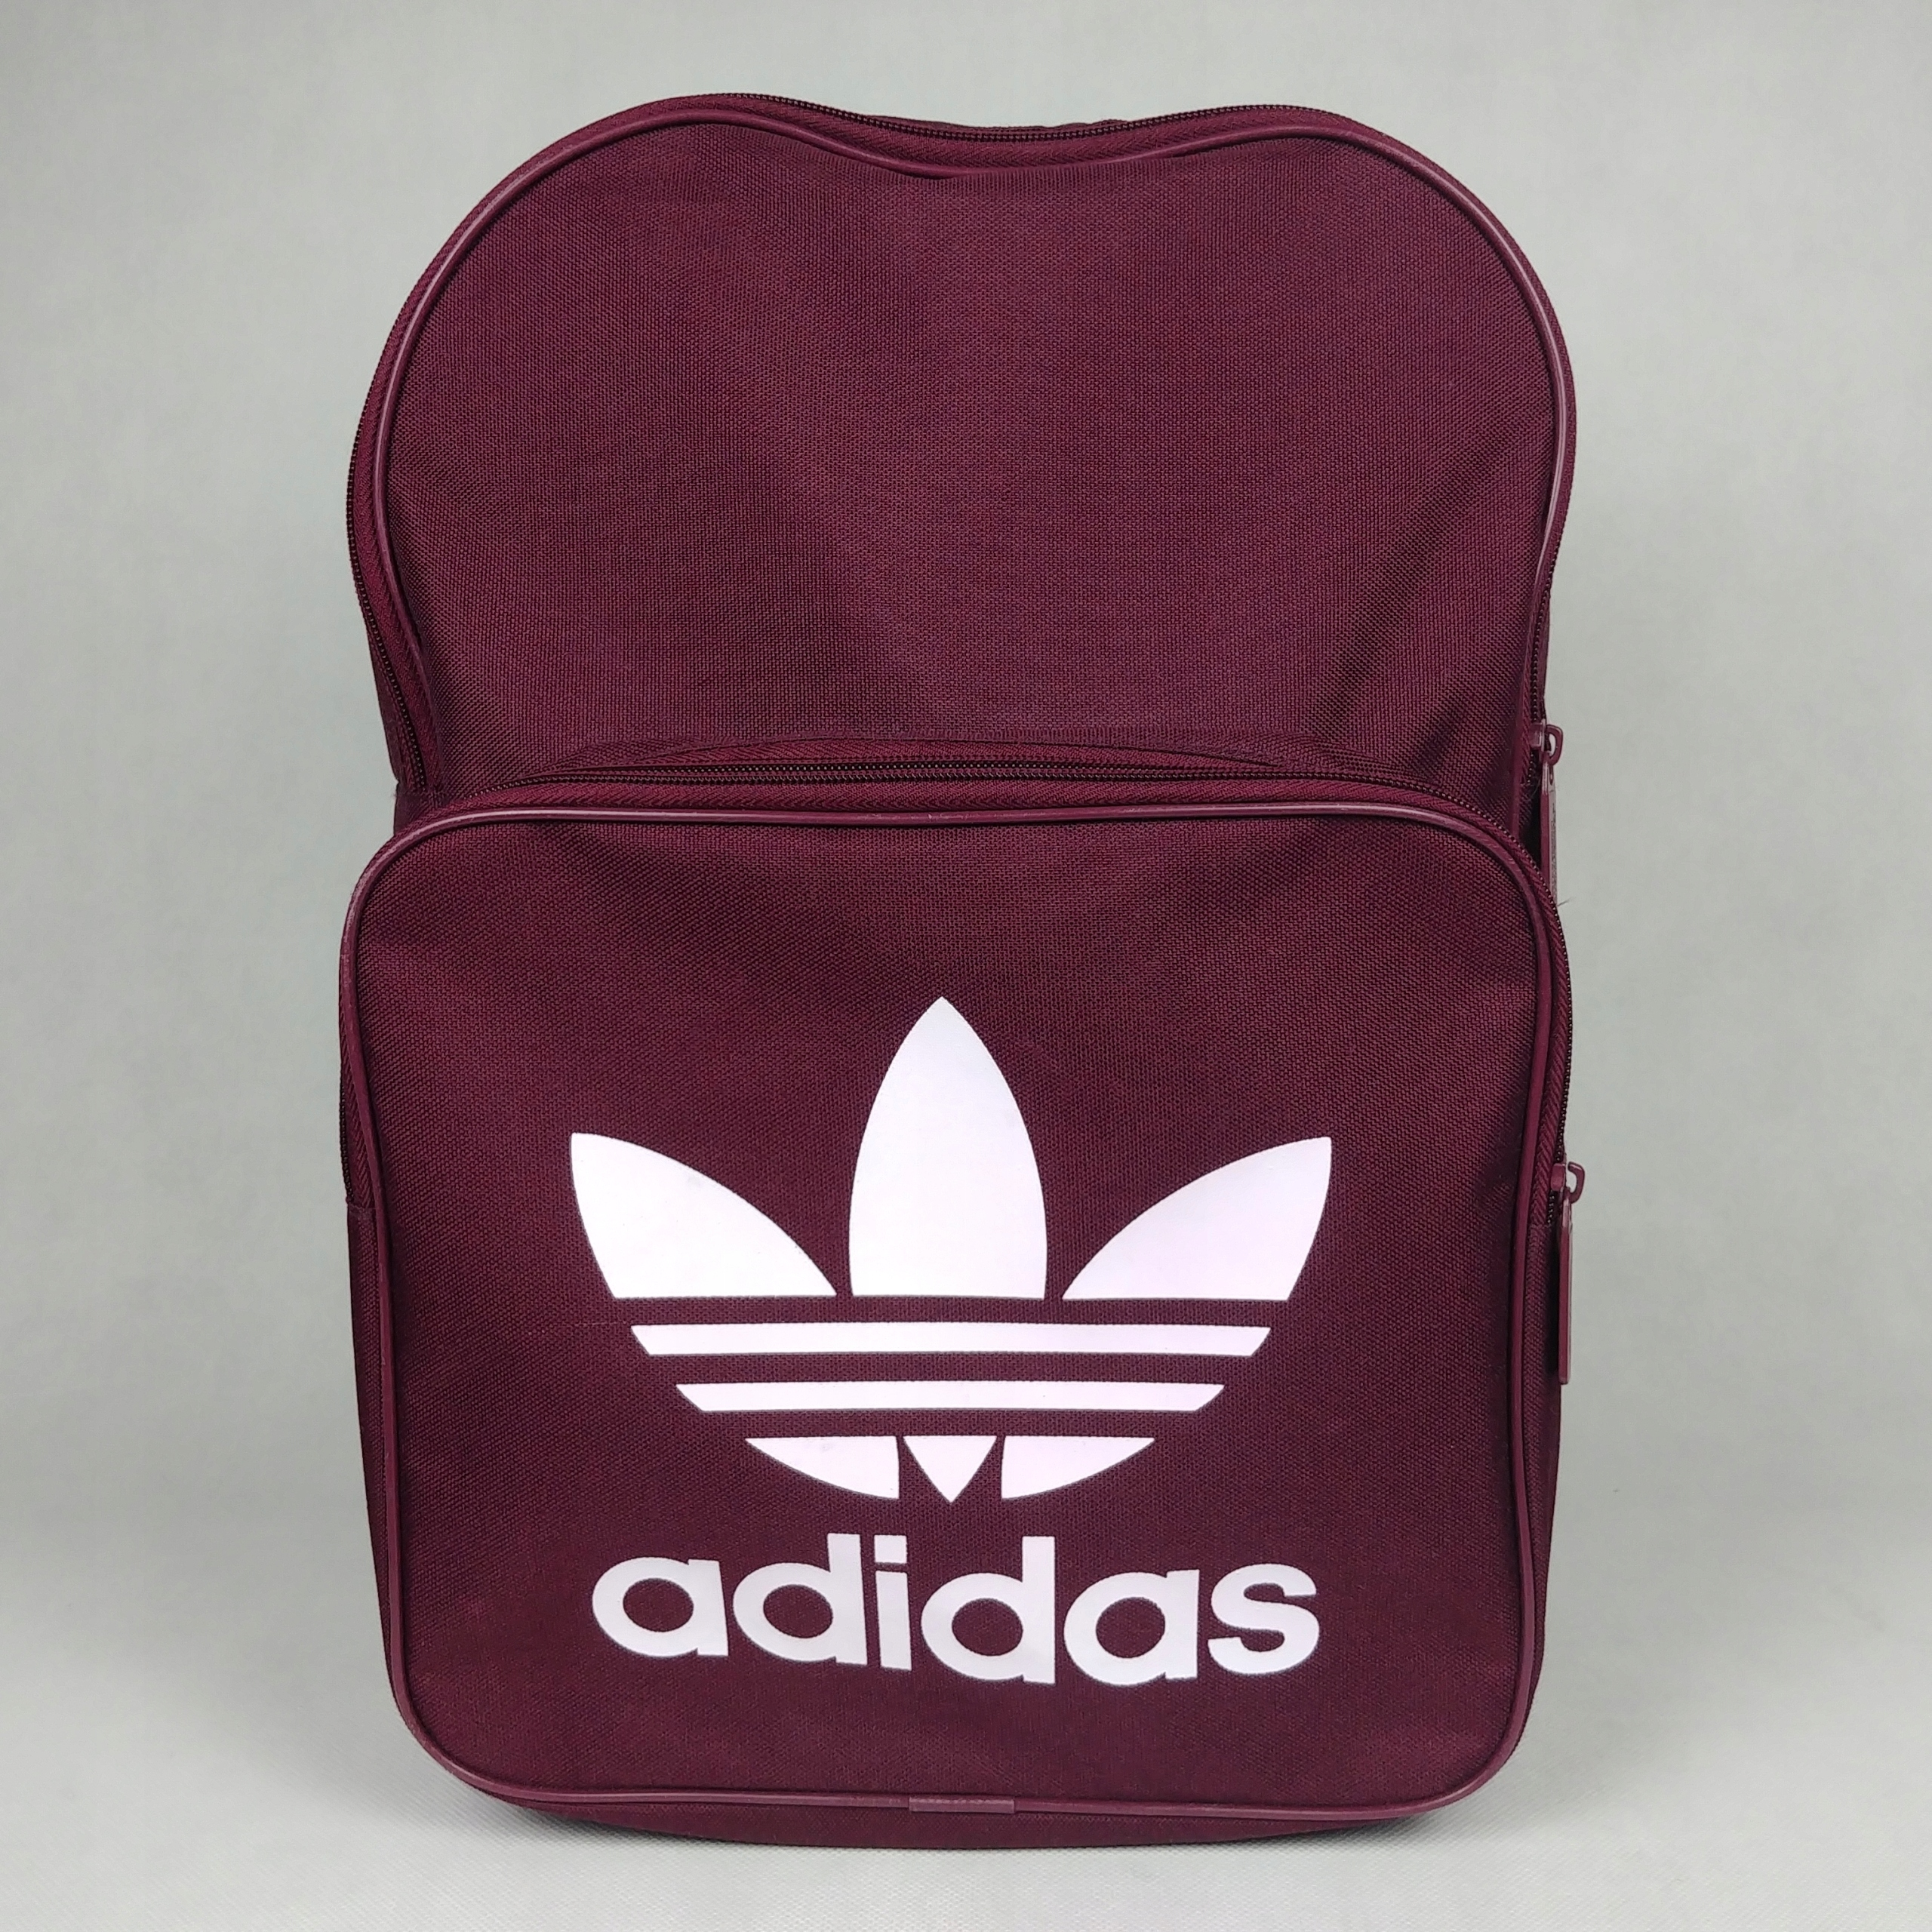 ADIDAS ORIGINALS TREFOIL plecak szkolny sportowy